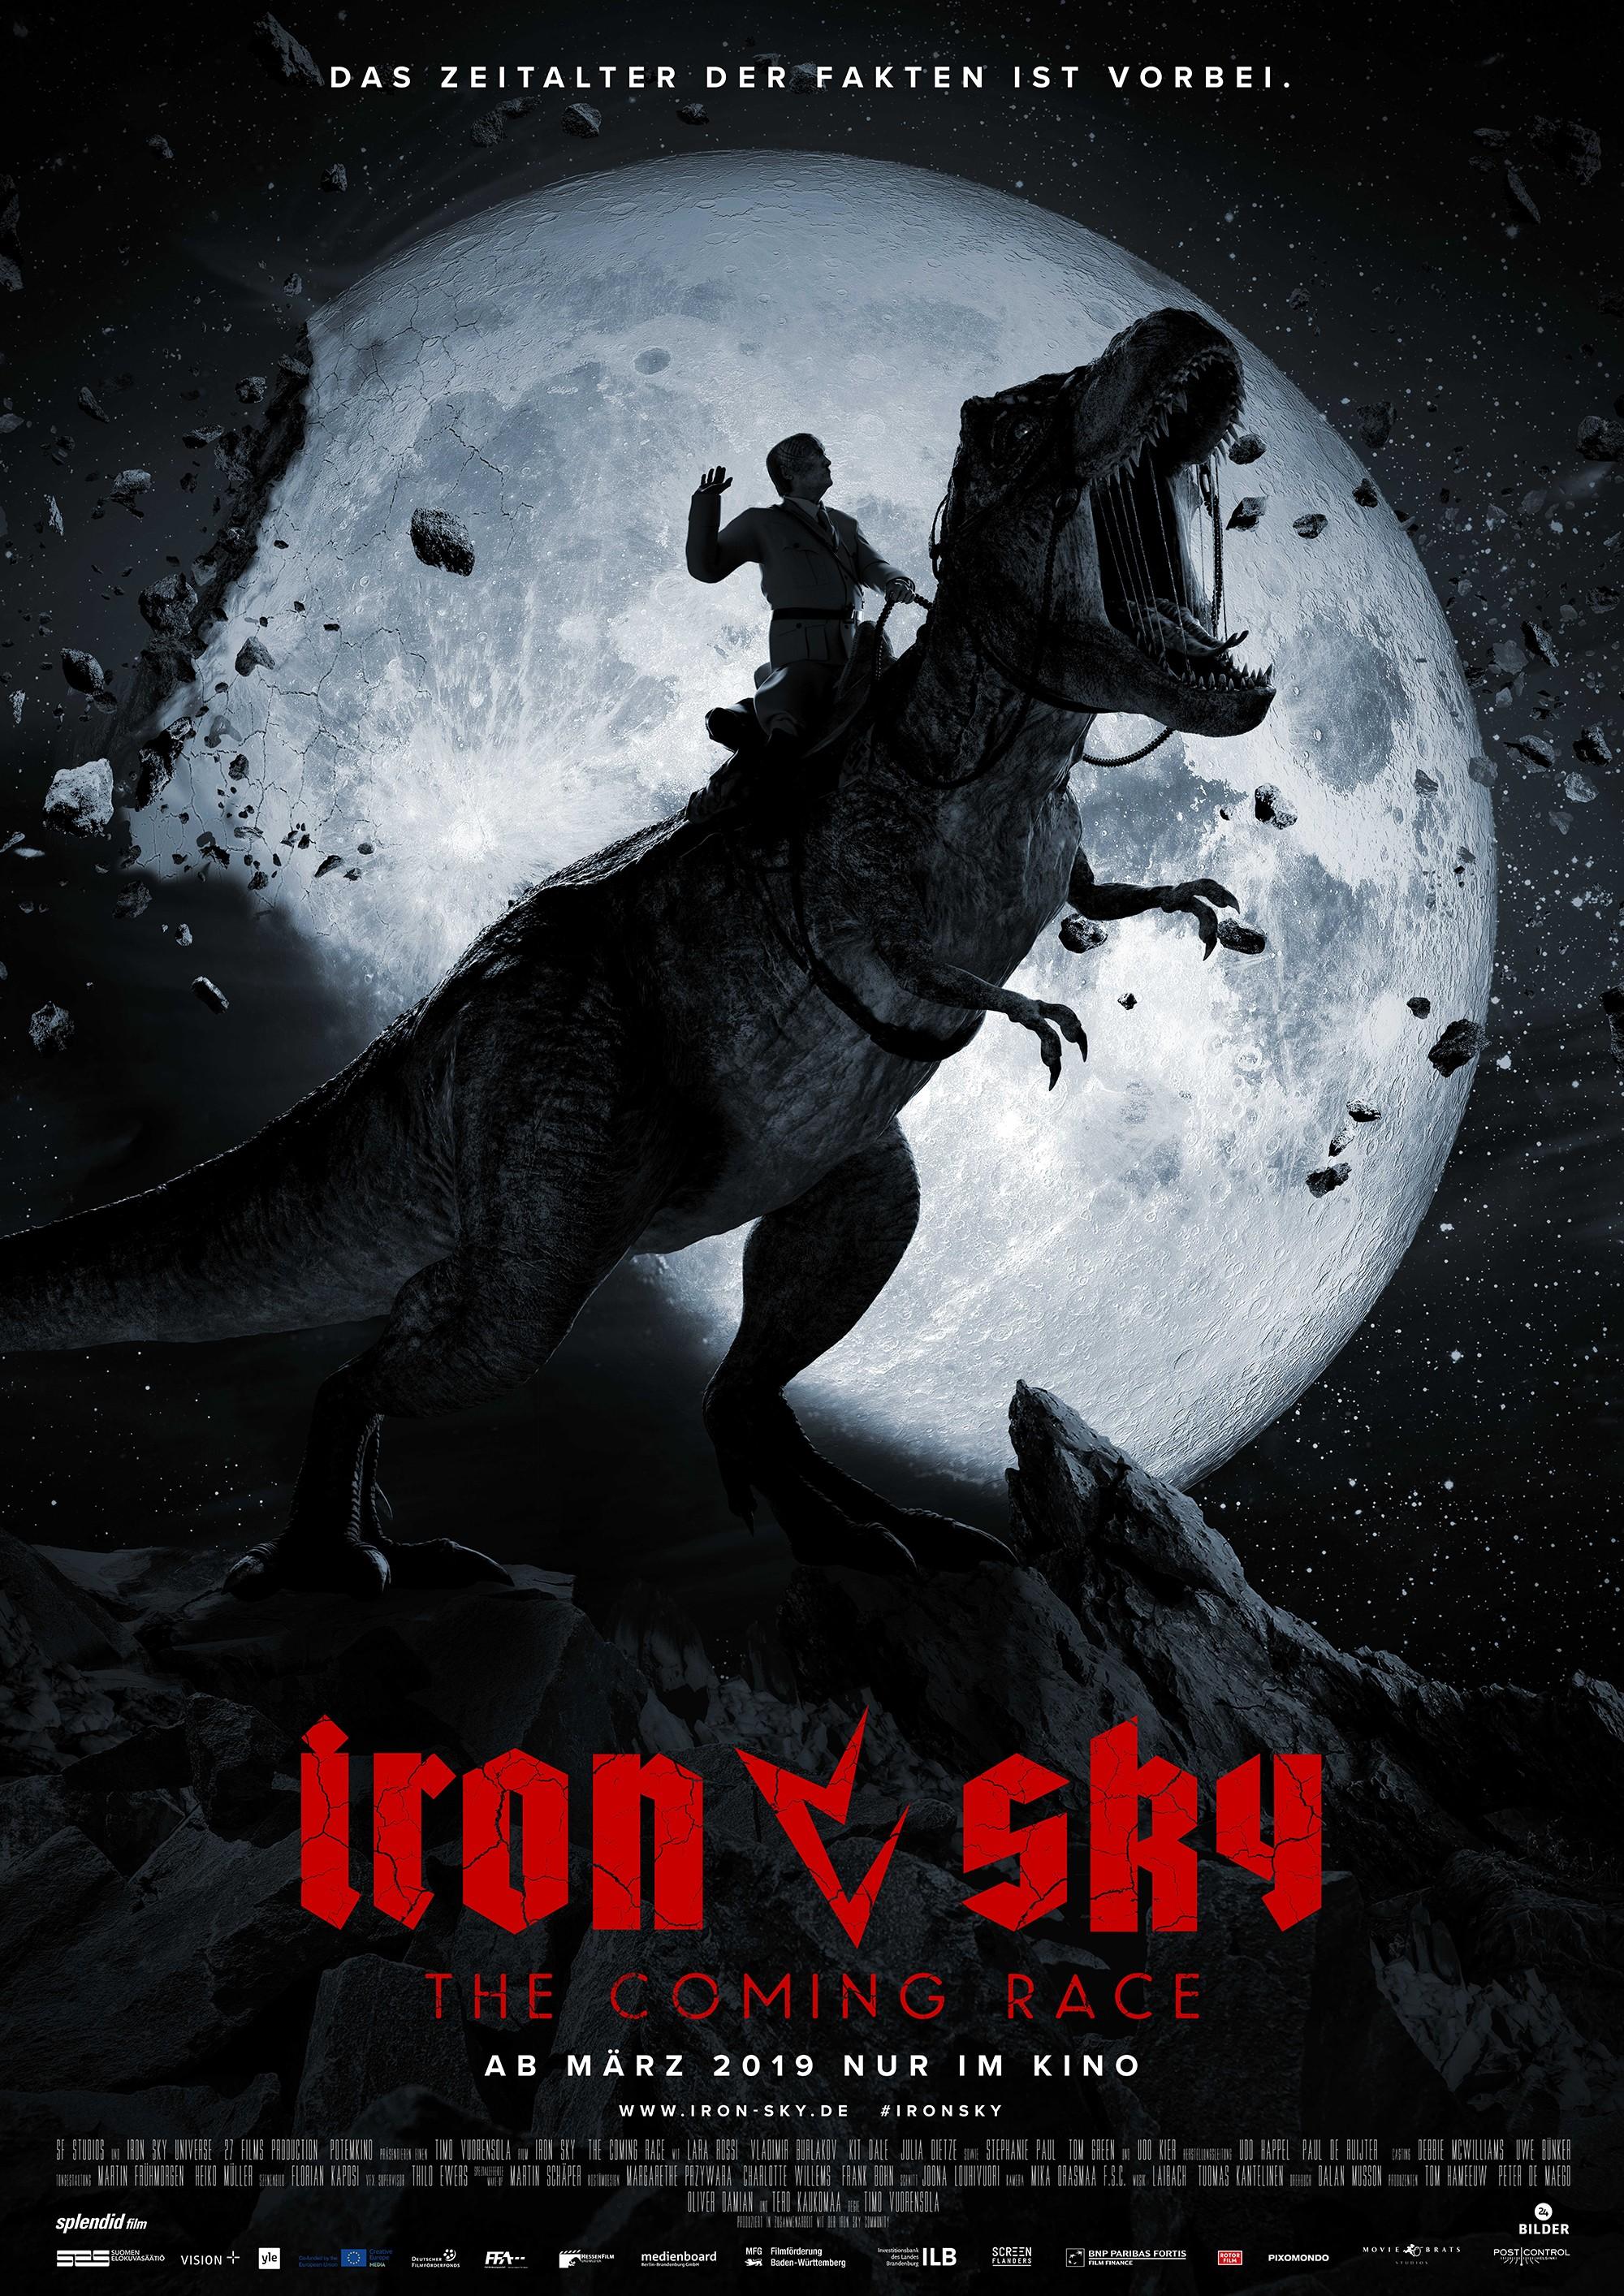 Iron Sky 2 Kinostart Deutschland